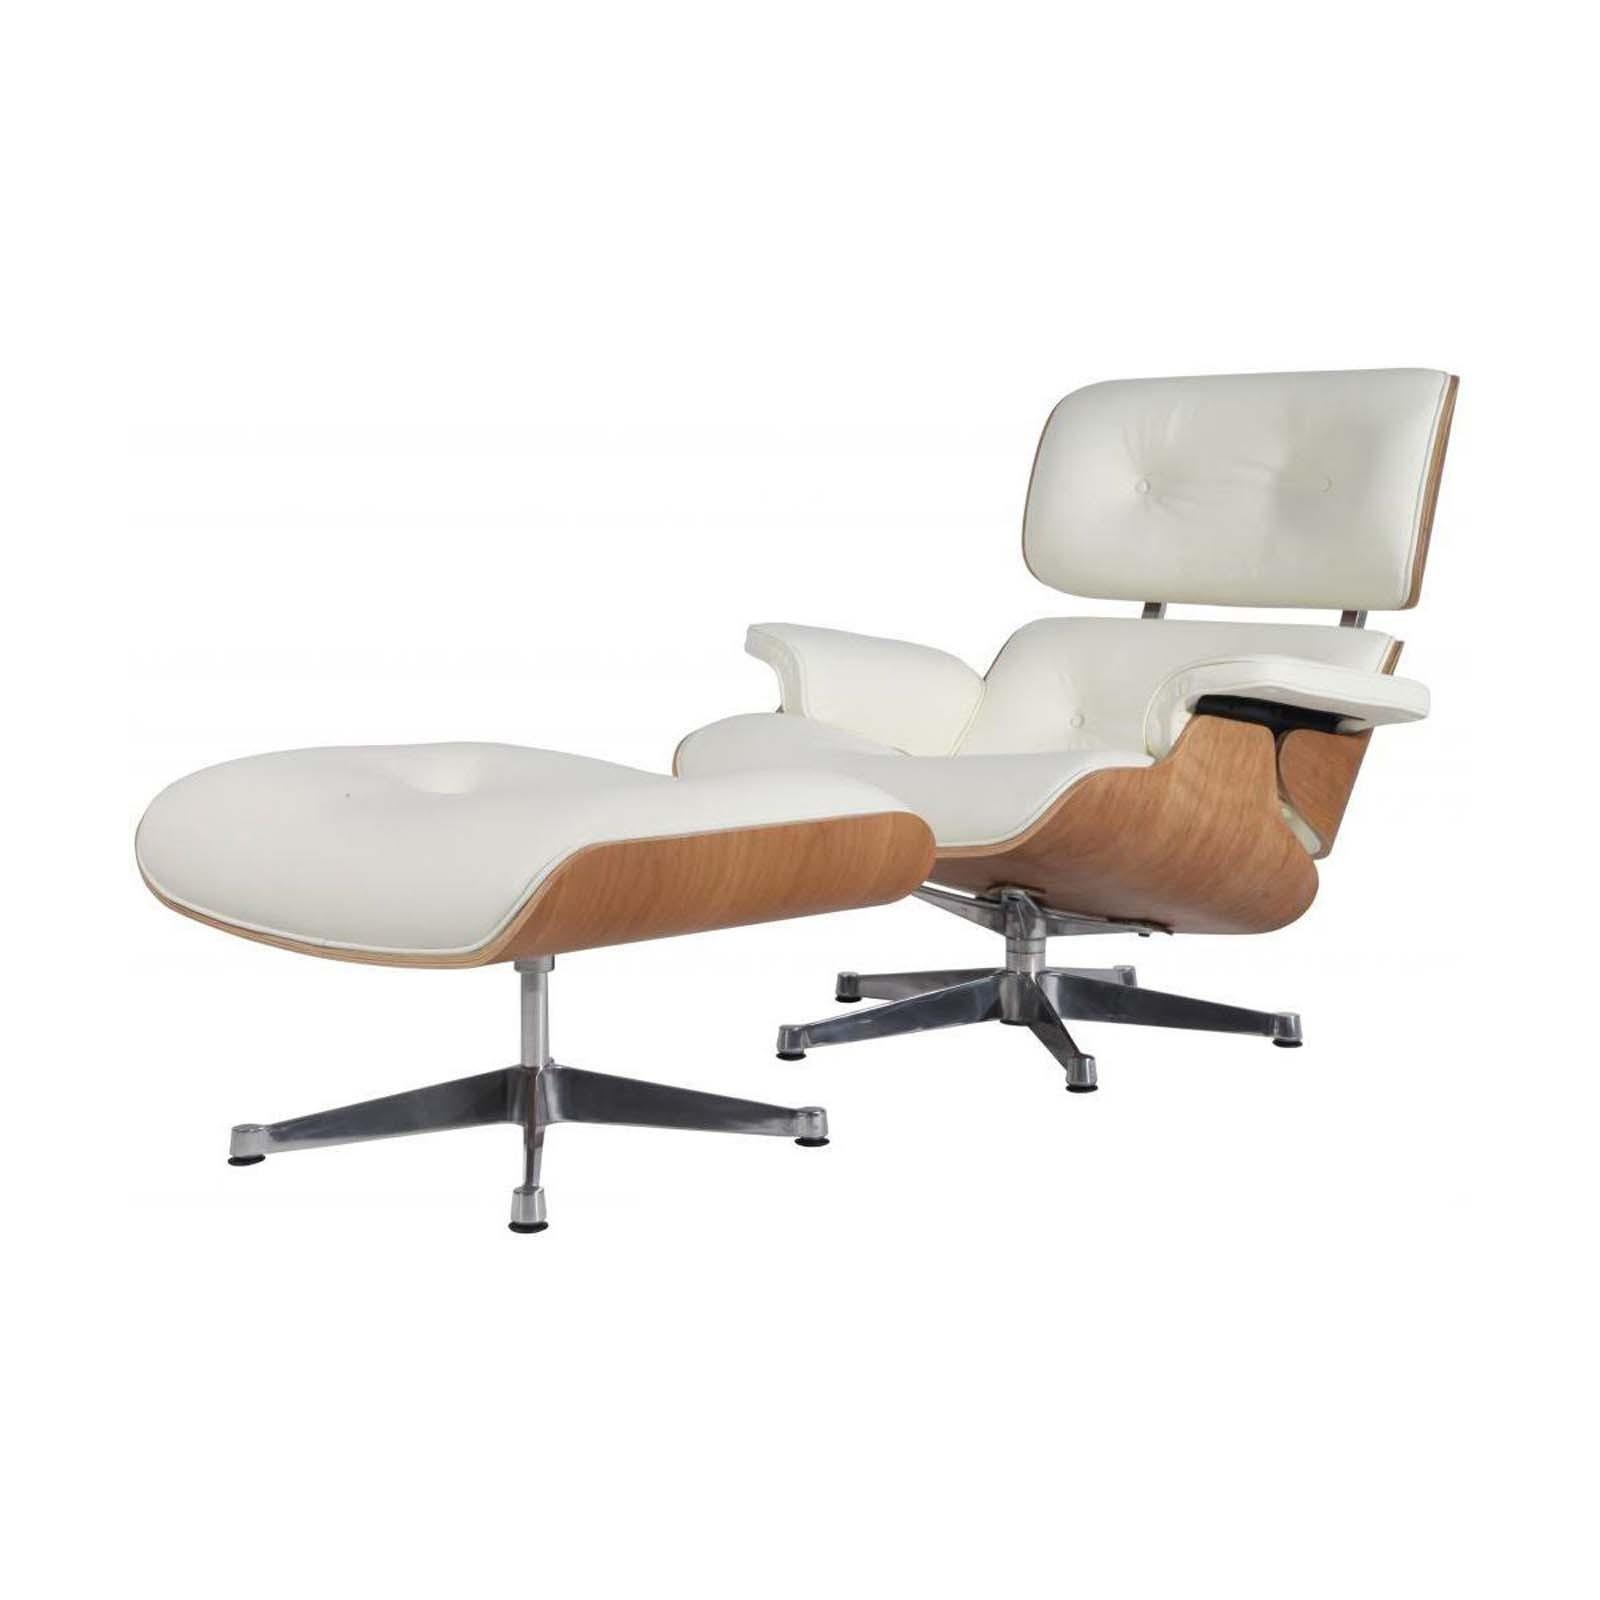 Eames Chair Replica Lounge Chair & Ottoman